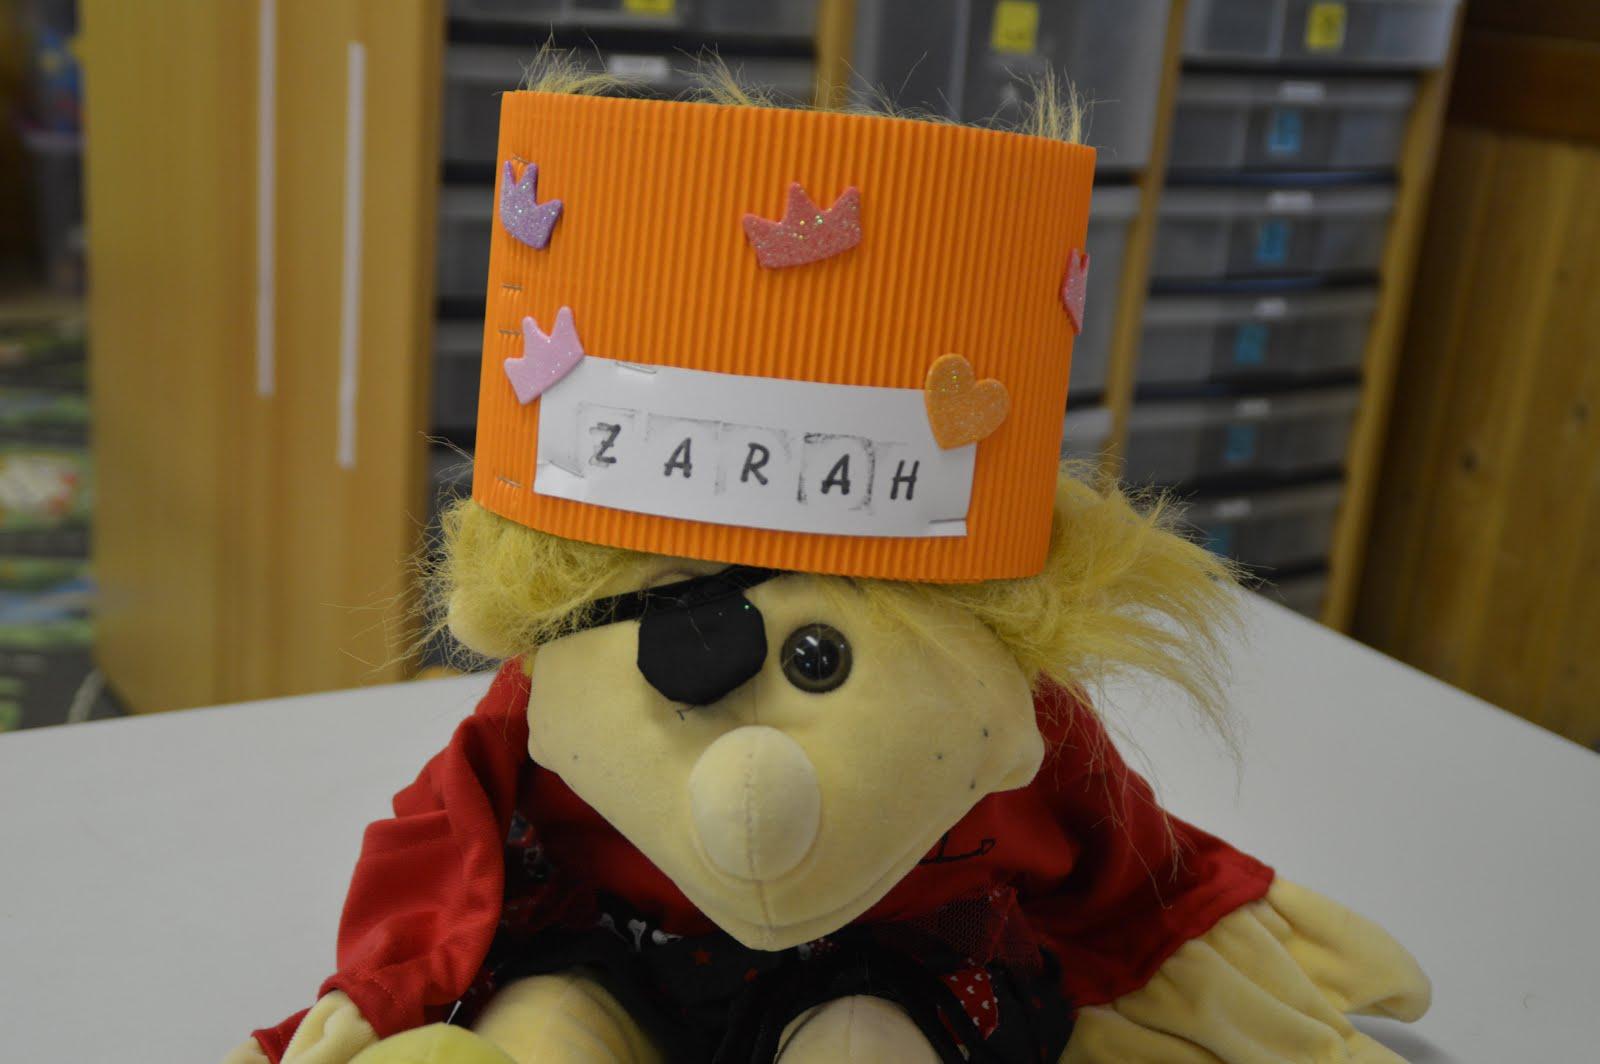 Zarah is 4!!